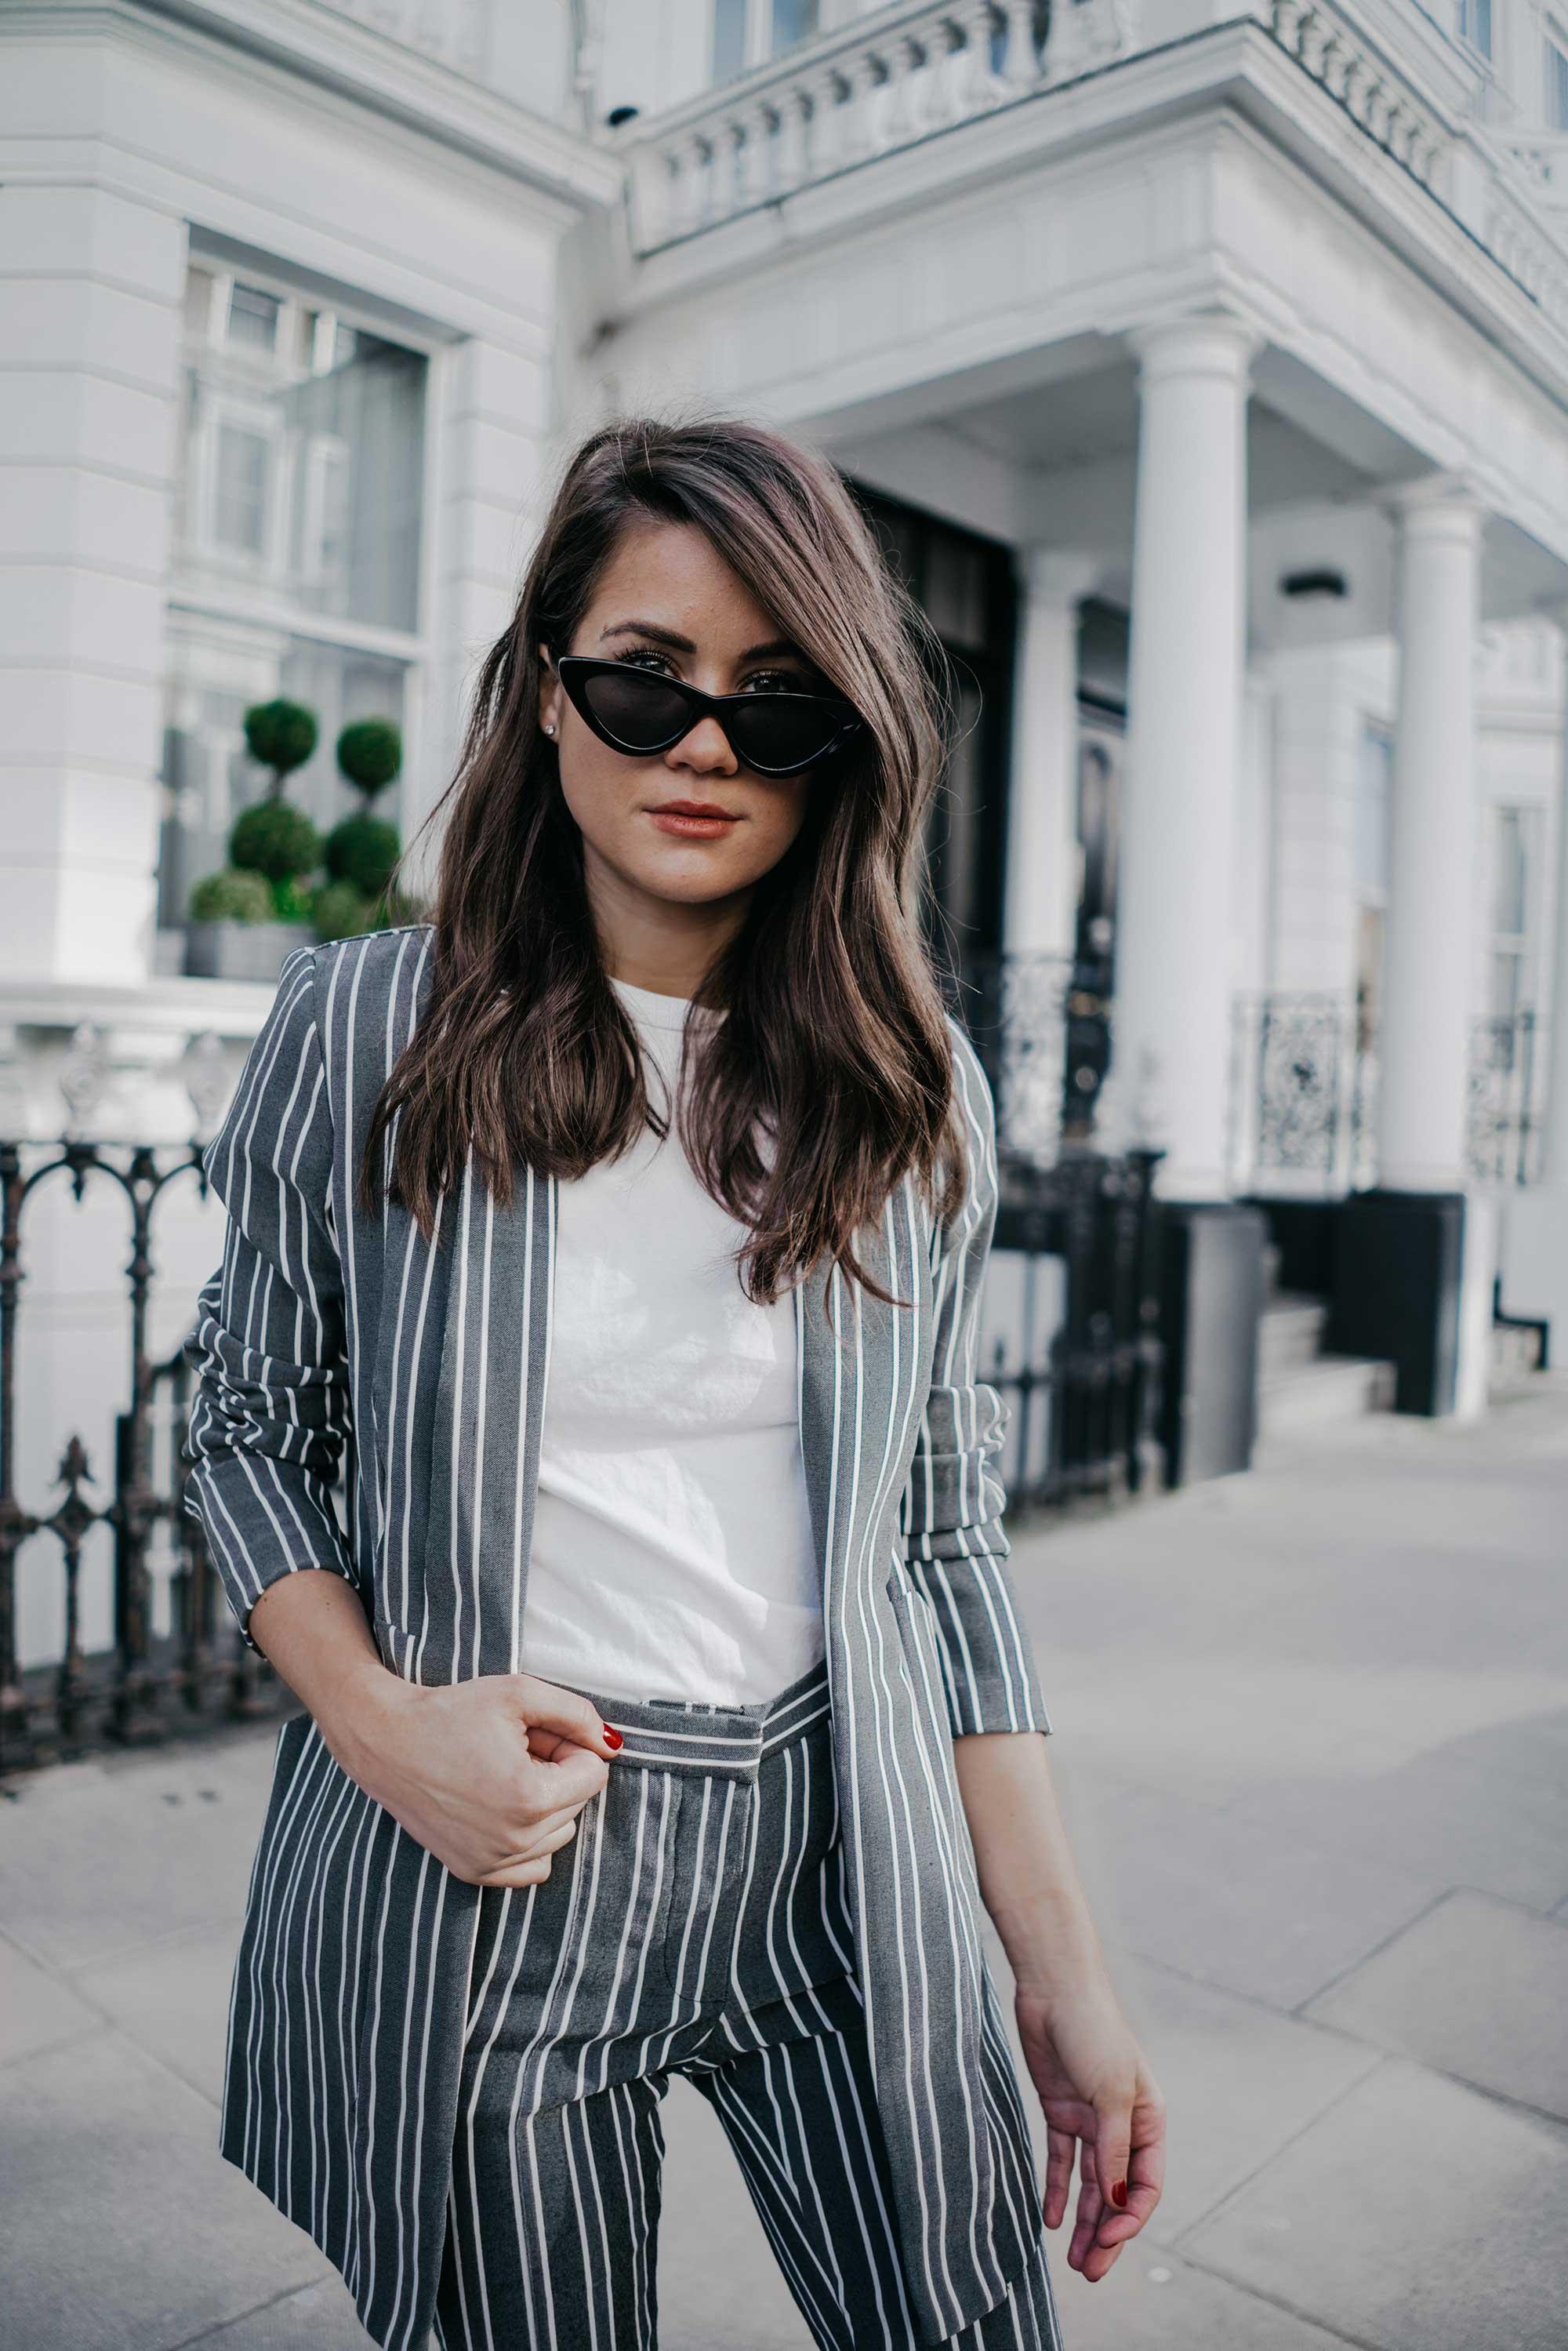 BCBG-Boyfriend-inspired-Striped-Open-Front-Blazer-and-Striped-Crop-Trouser-4.jpg